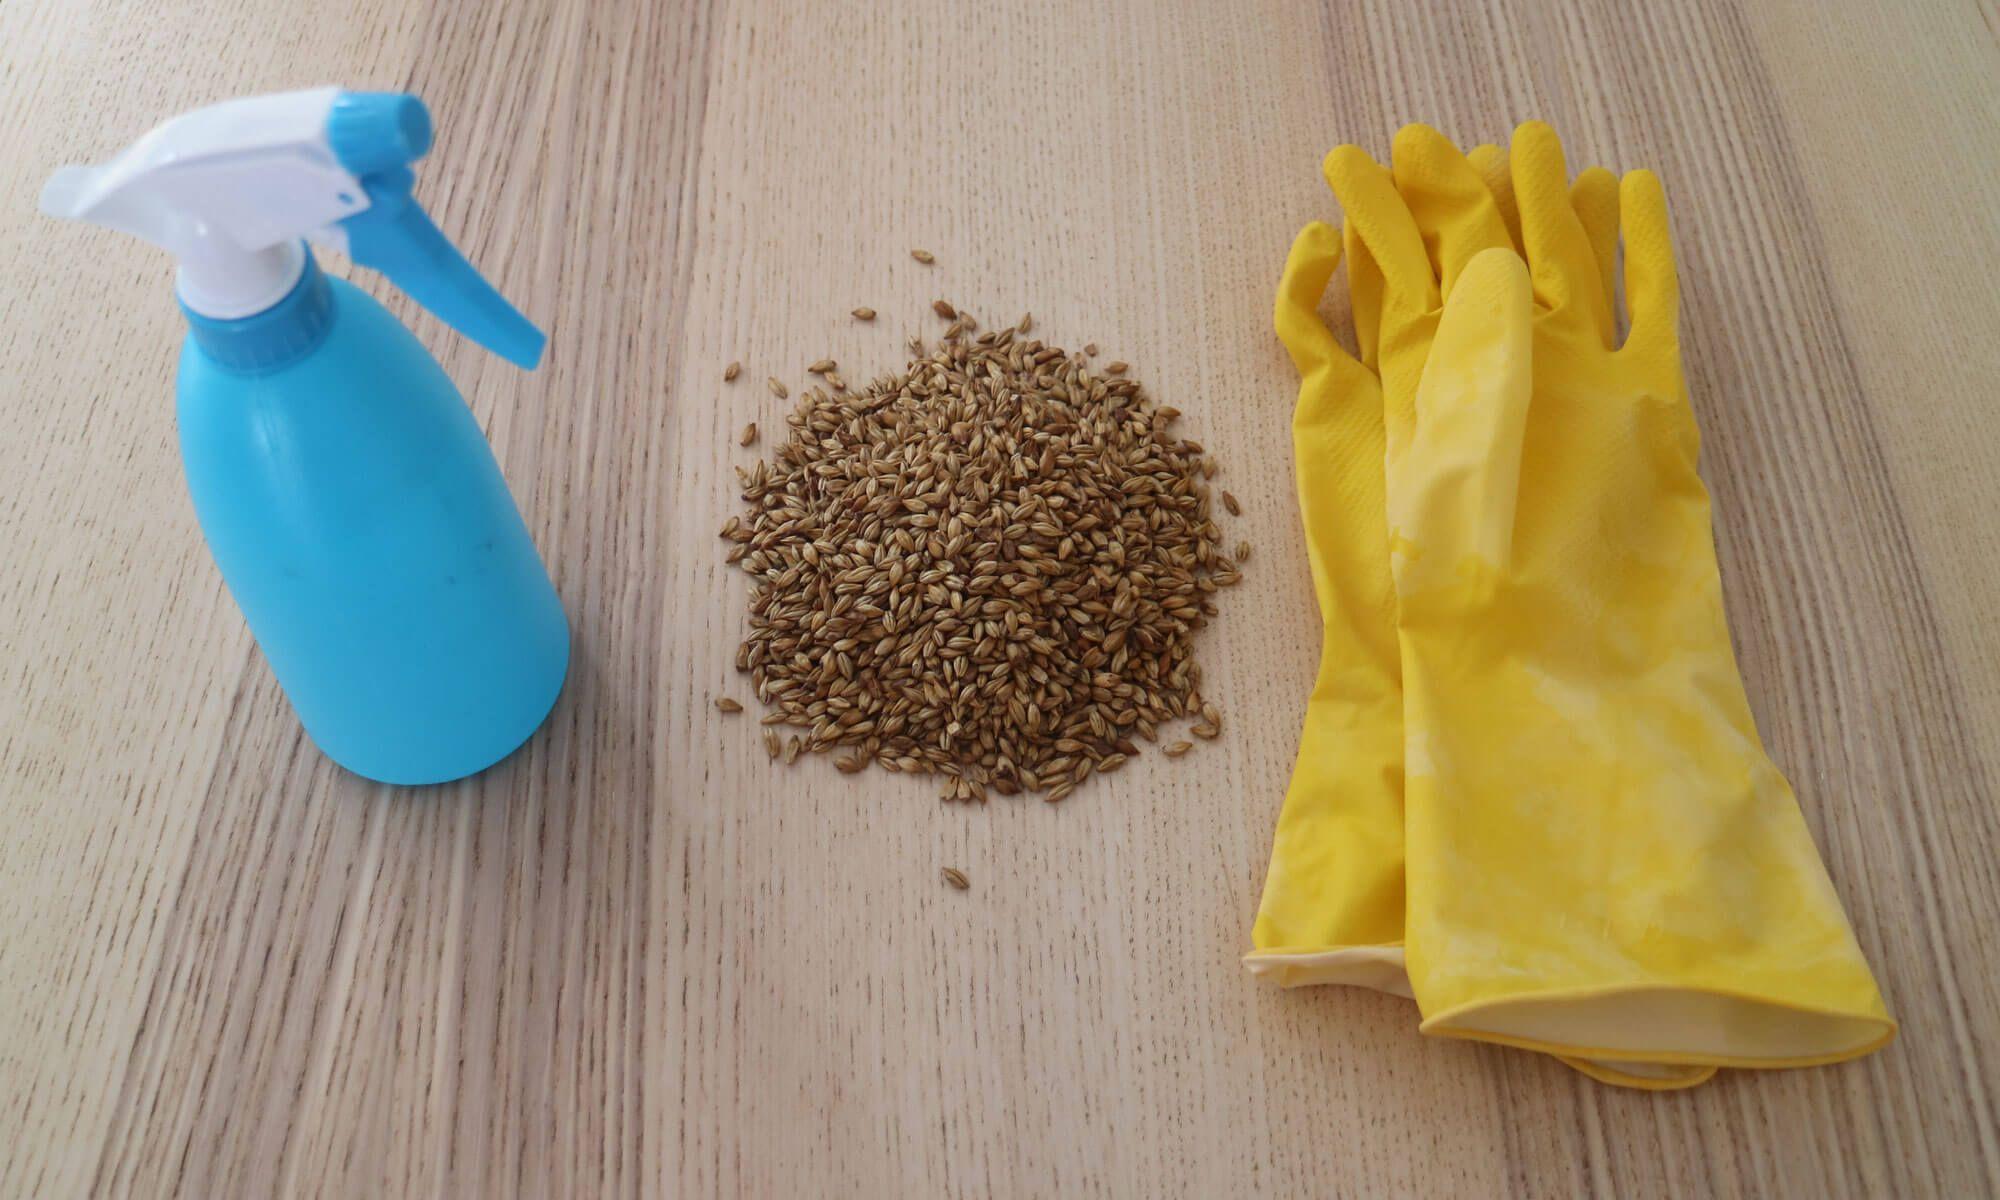 Het schoonmaken en ontsmetten is een belangrijke stap in het brouwproces.